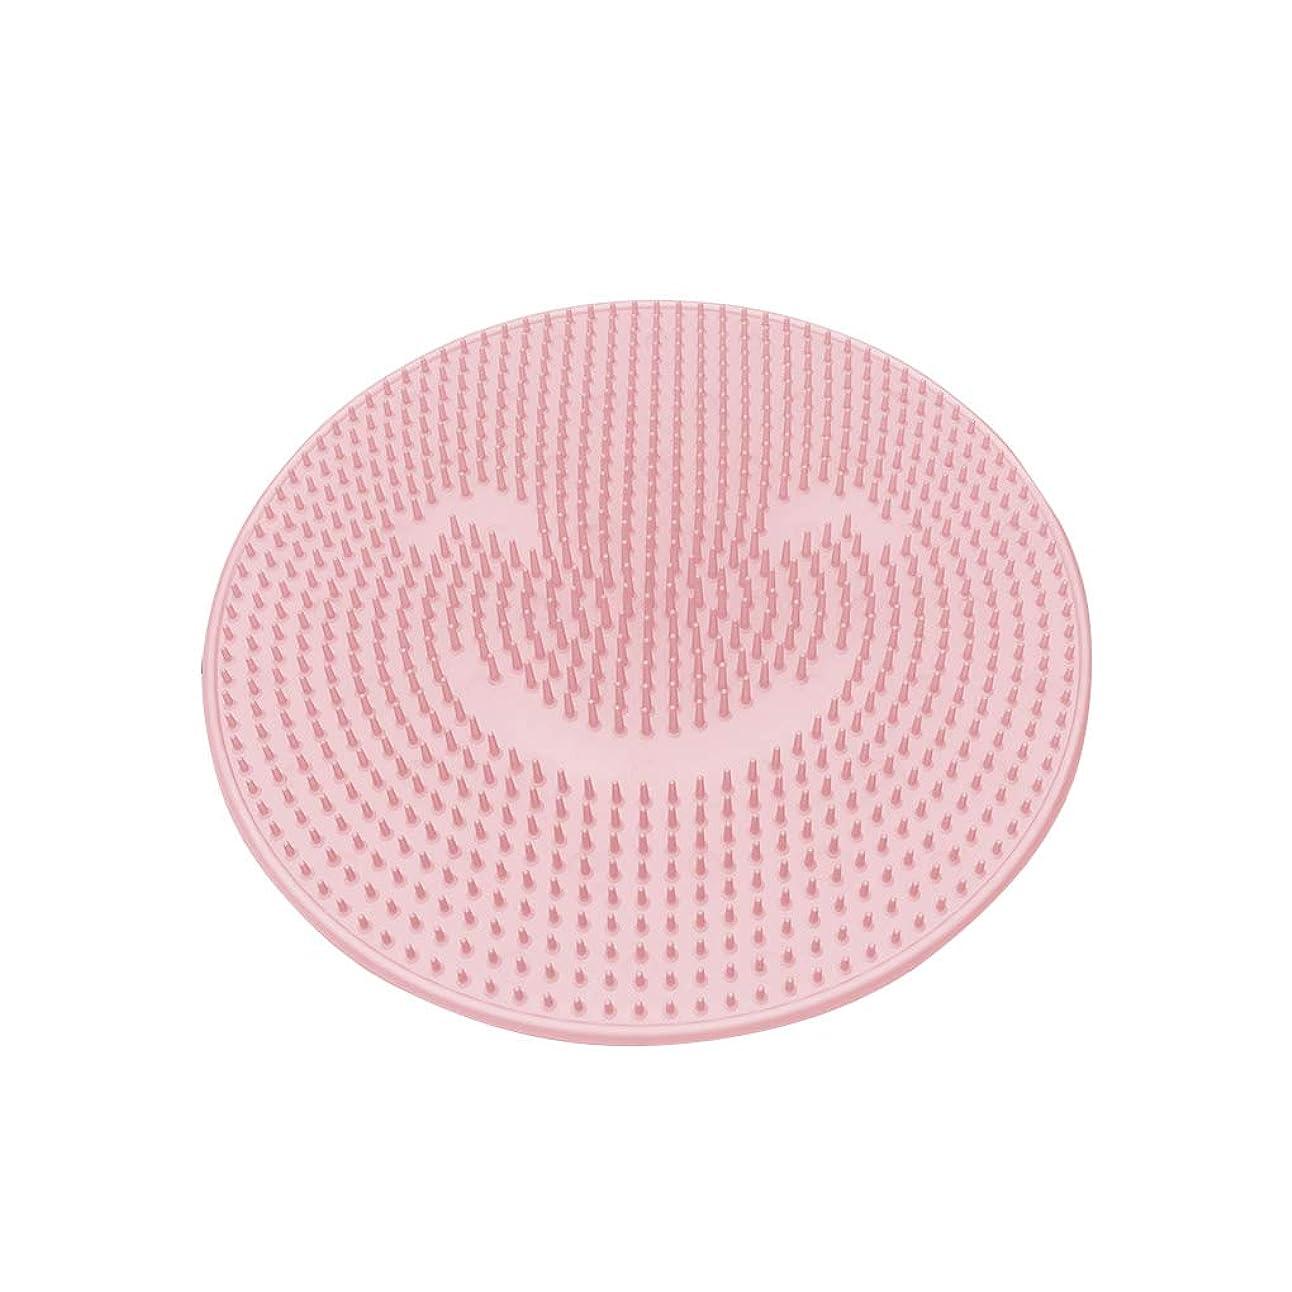 生きている艶テストTopFires 足洗い用 バスマット 足洗いマット 汚れ角質除去 ストレス解消 直径 31cm